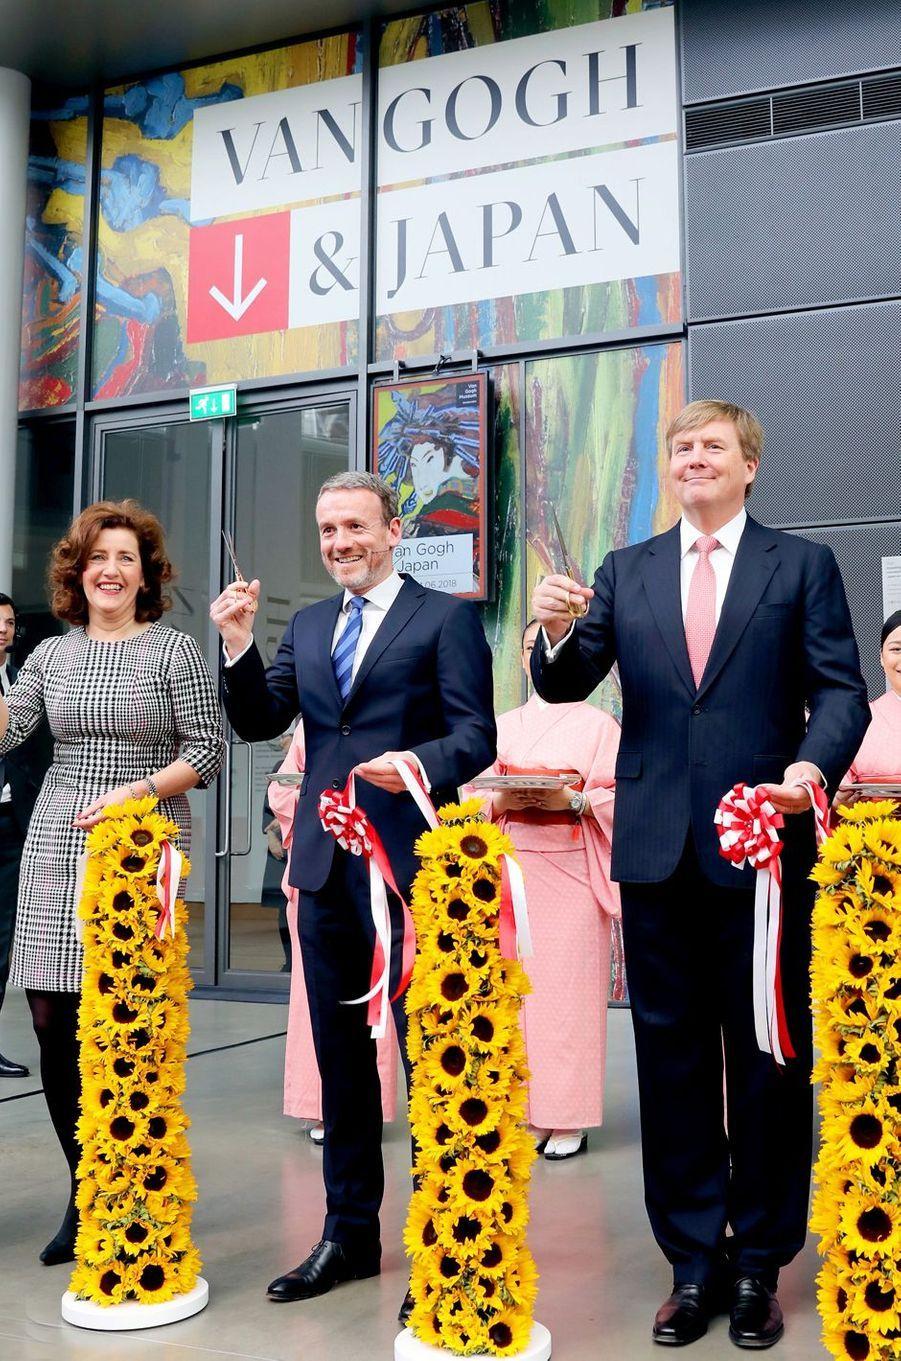 """Le roi Willem-Alexander des Pays-Bas ouvre l'exposition """"Van Gogh & Japan"""" à Amsterdam, le 22 mars 2018"""